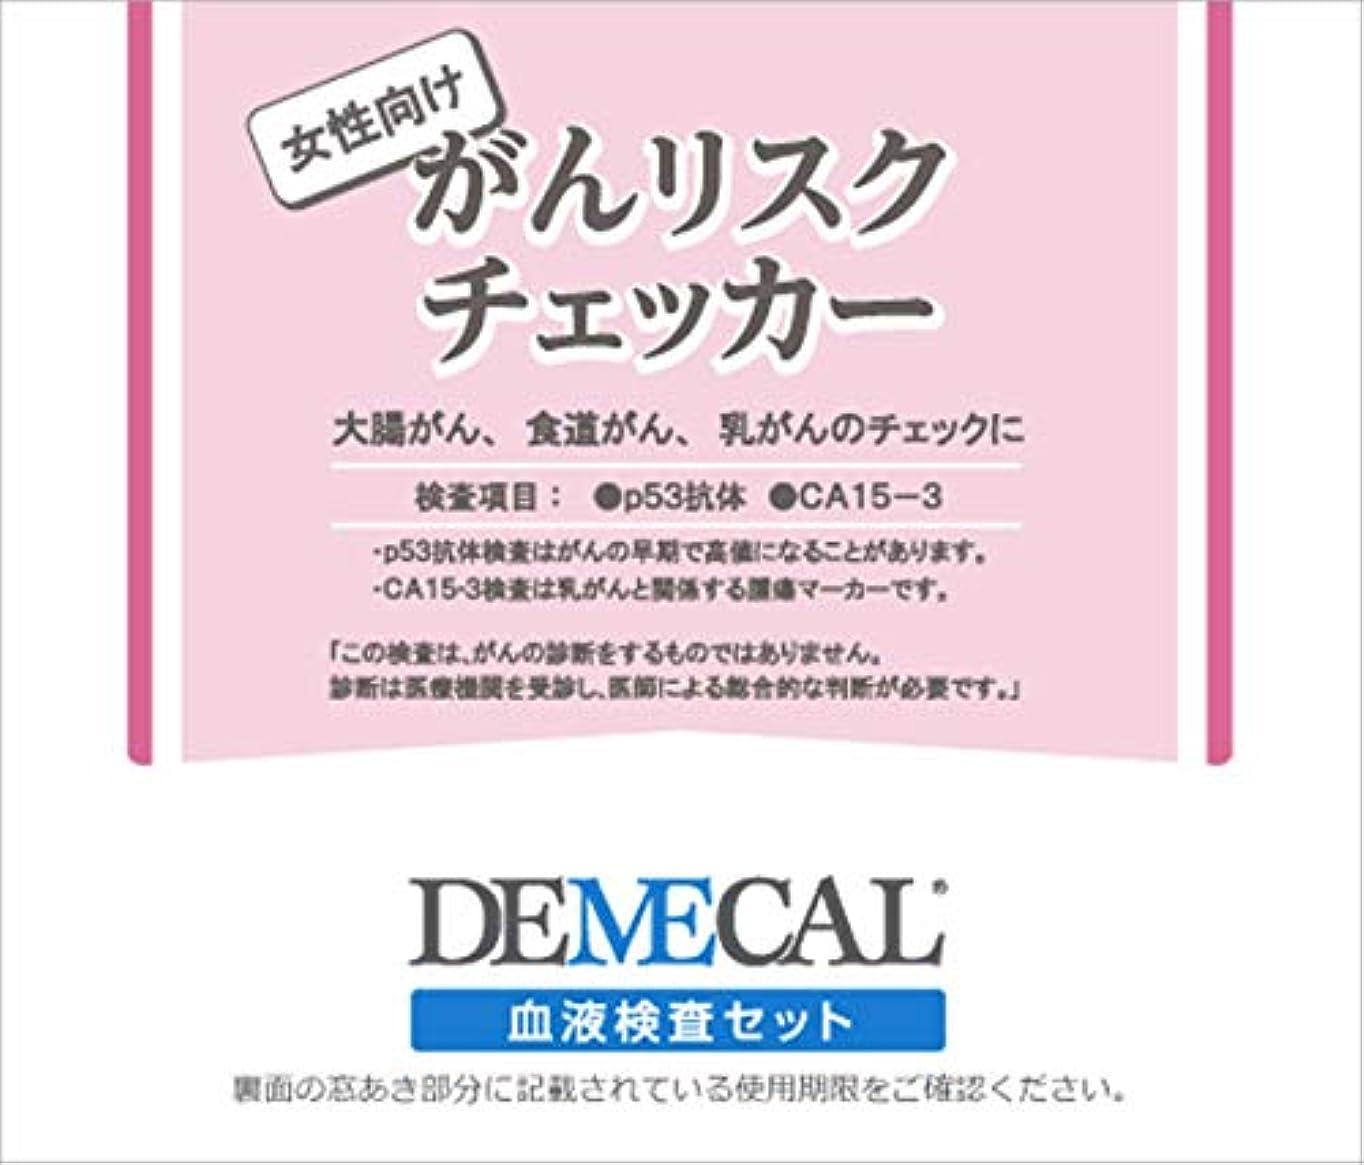 解決する同等の支援郵送でできる血液検査キット DEMECAL p53抗体検査 がんリスクチェッカー 大腸がん 食道がん 乳ガン 女性用 女性向け